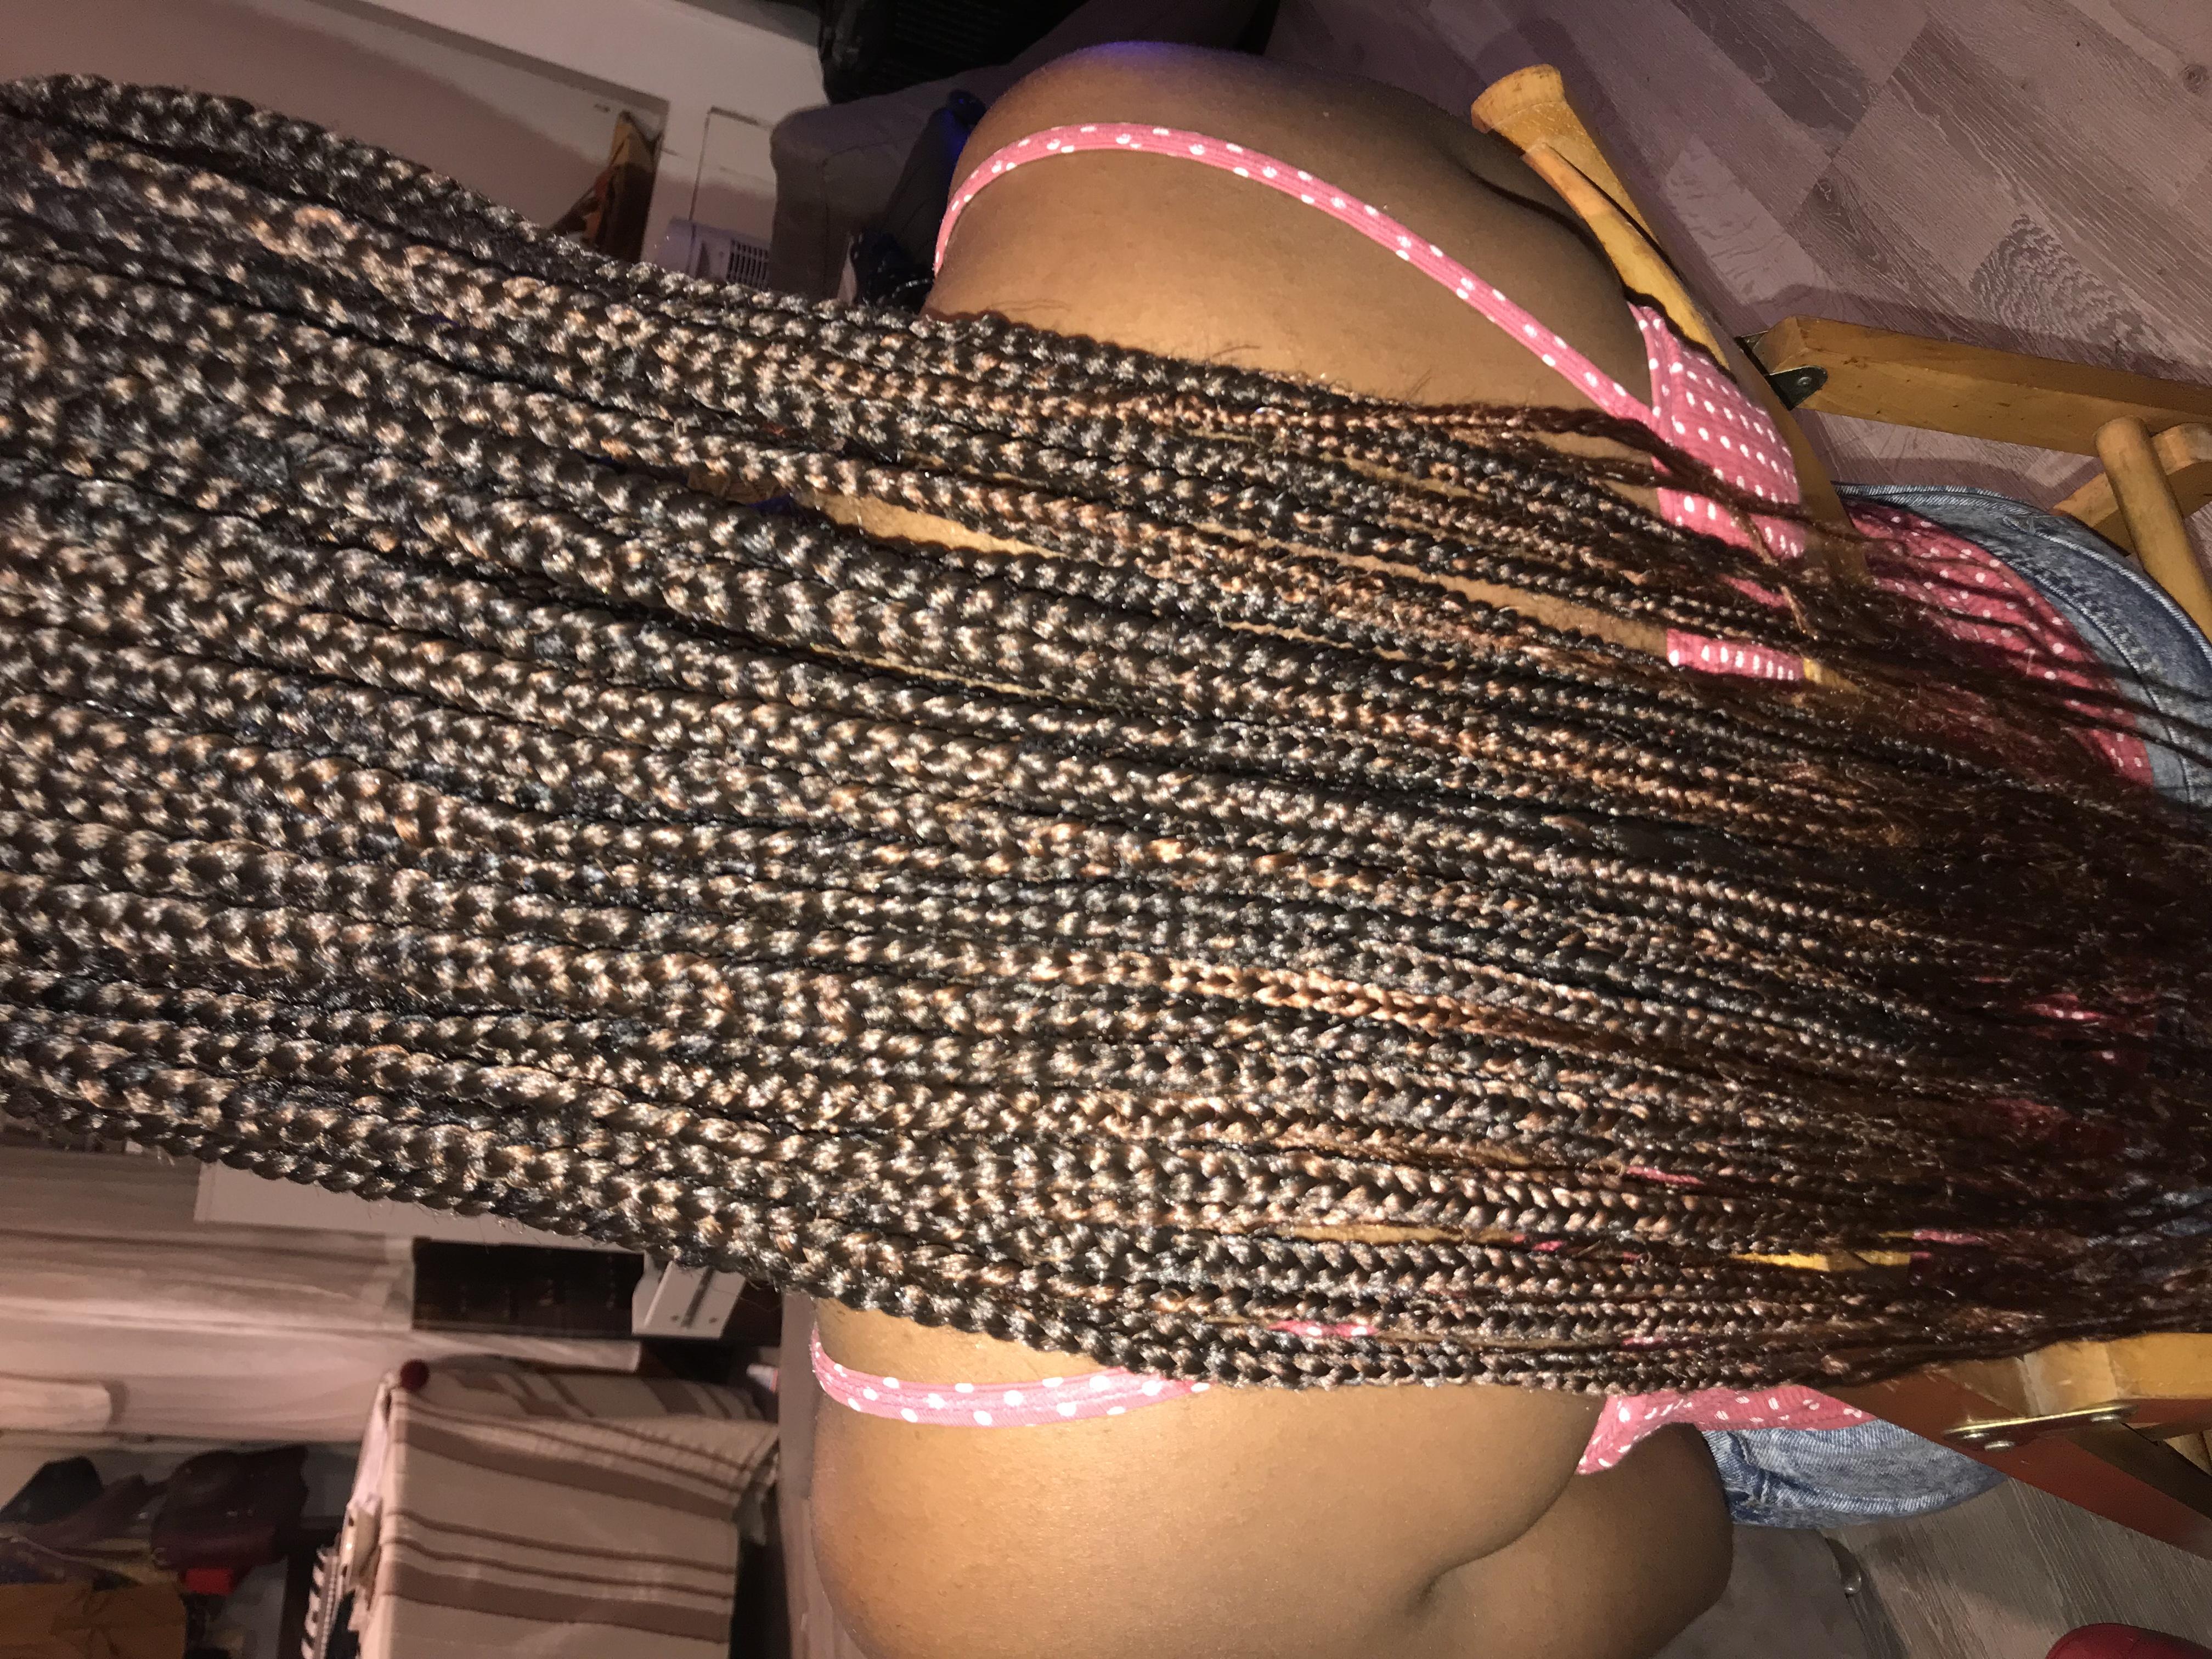 salon de coiffure afro tresse tresses box braids crochet braids vanilles tissages paris 75 77 78 91 92 93 94 95 NYWVZCNW